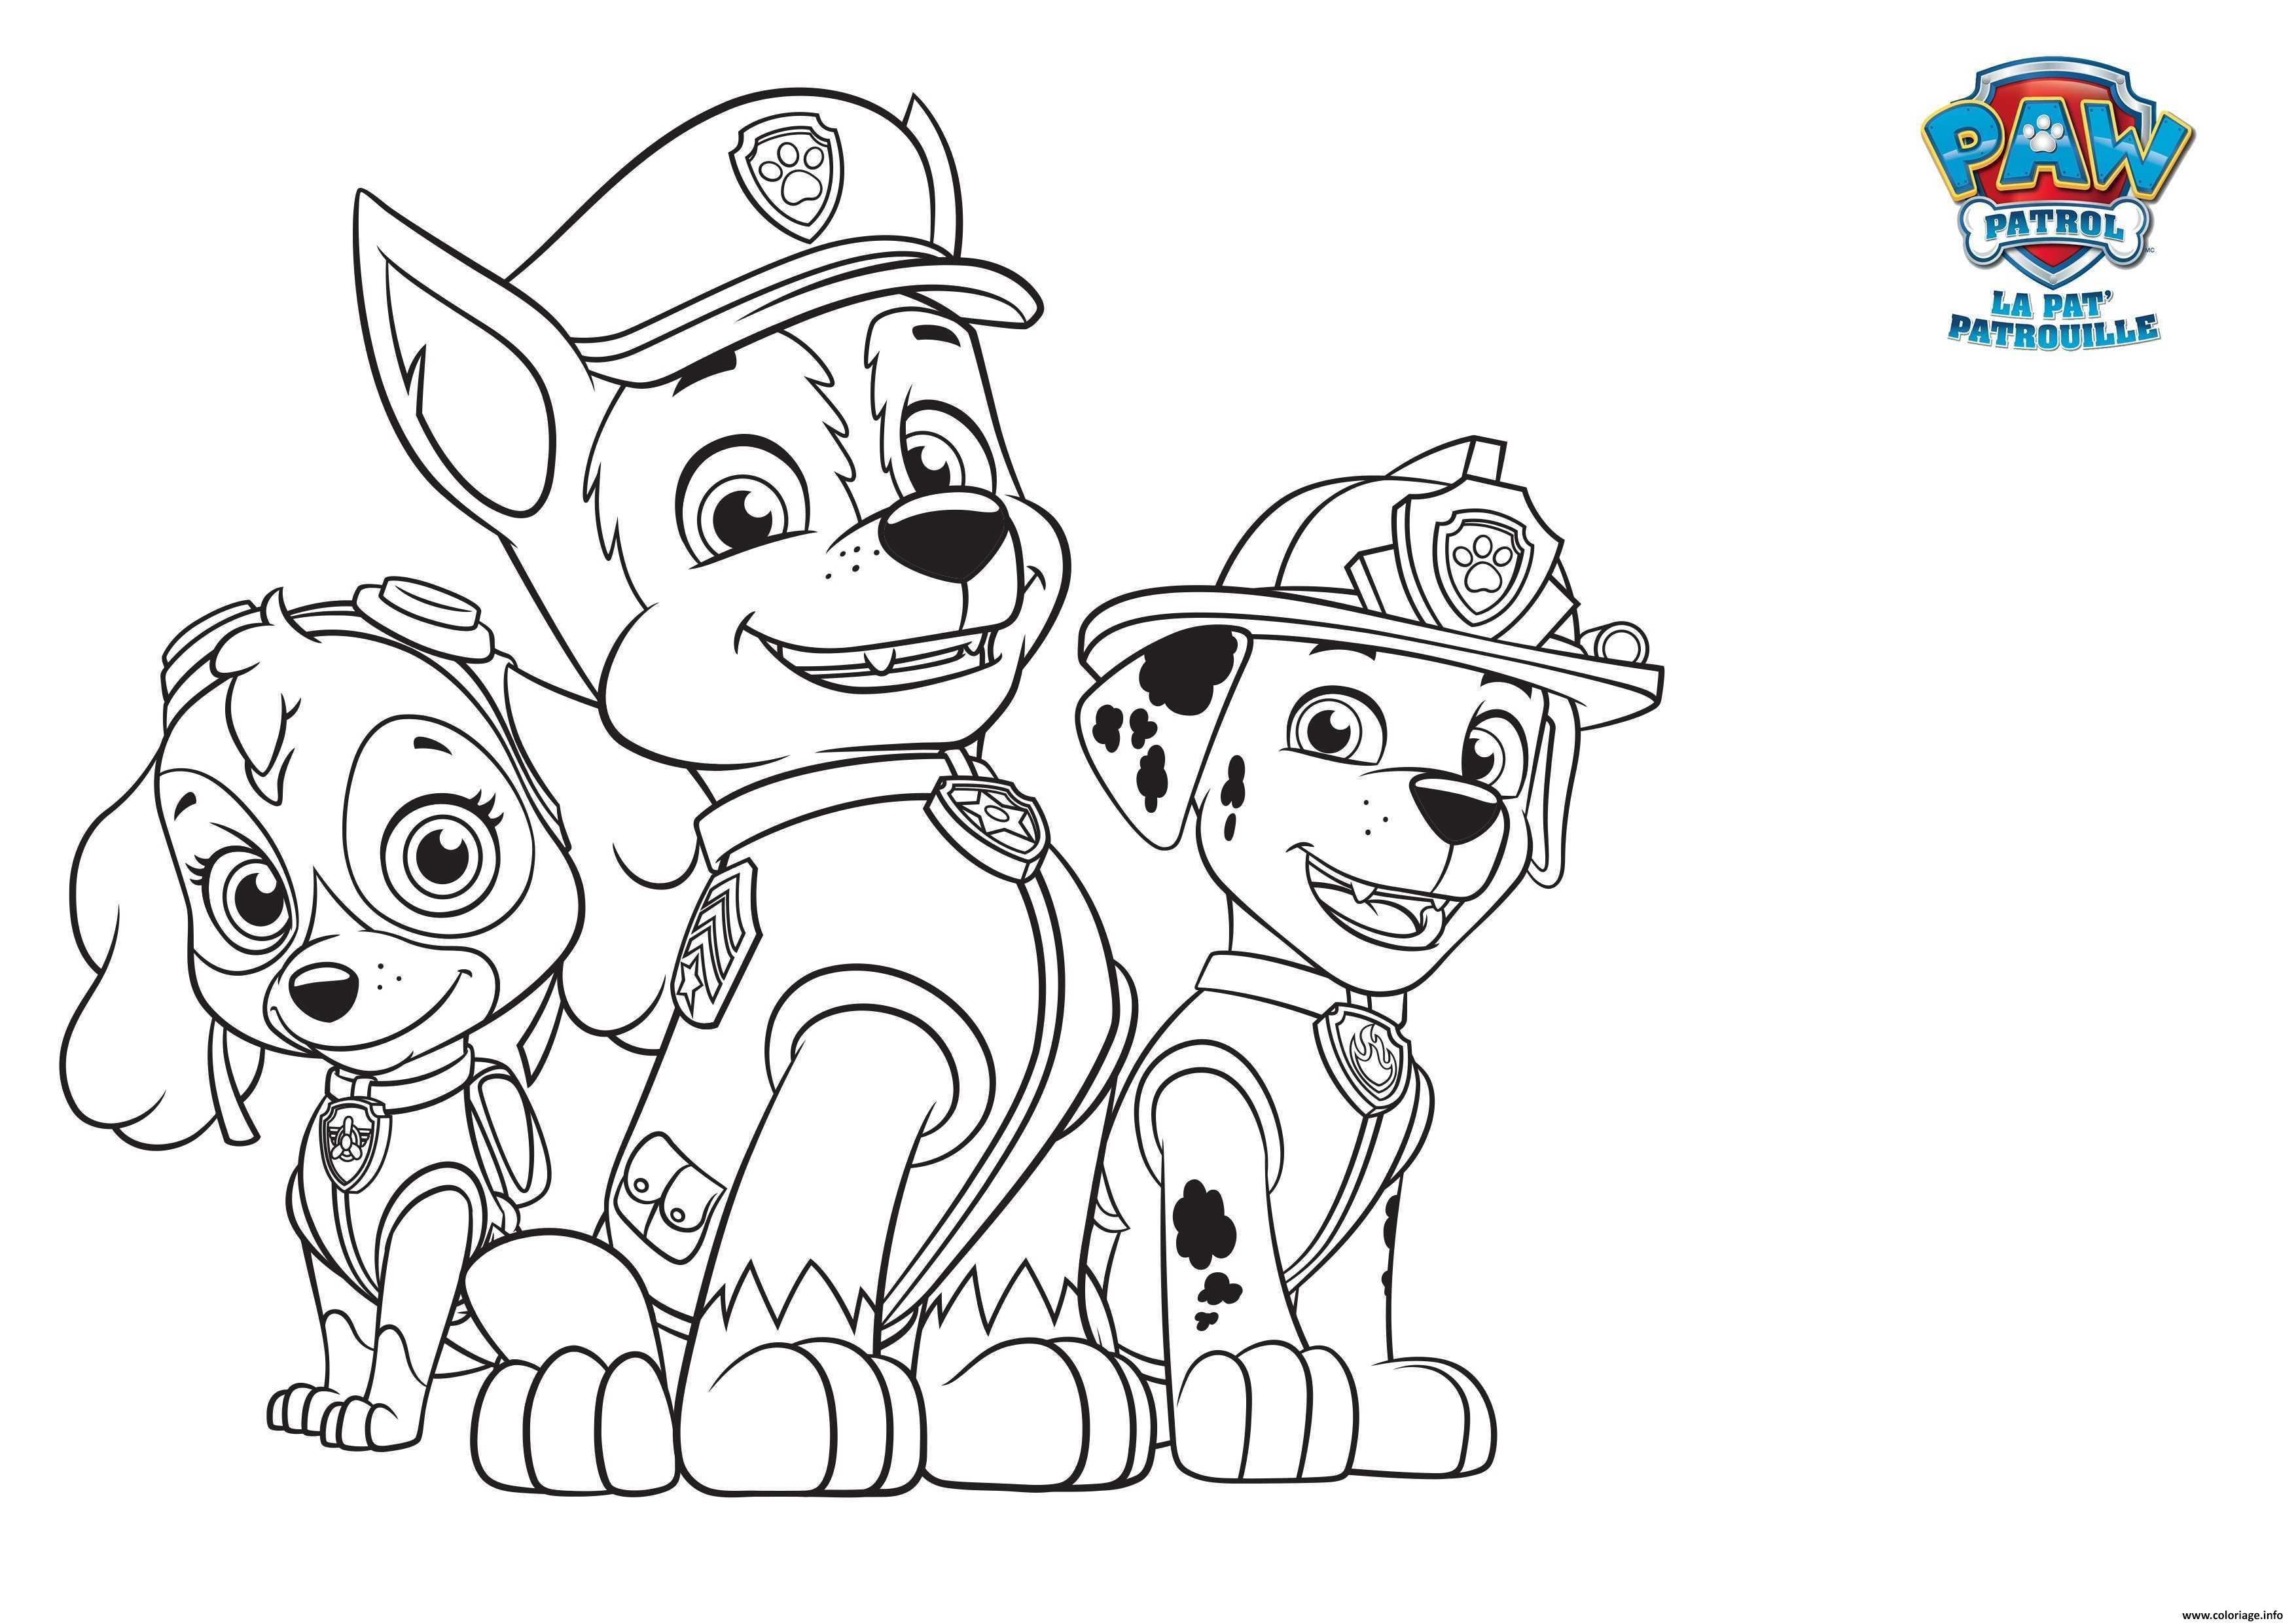 coloriage pat patrol paw pat patrouille dessin imprimer - Pat Patrouille Dessin Anim